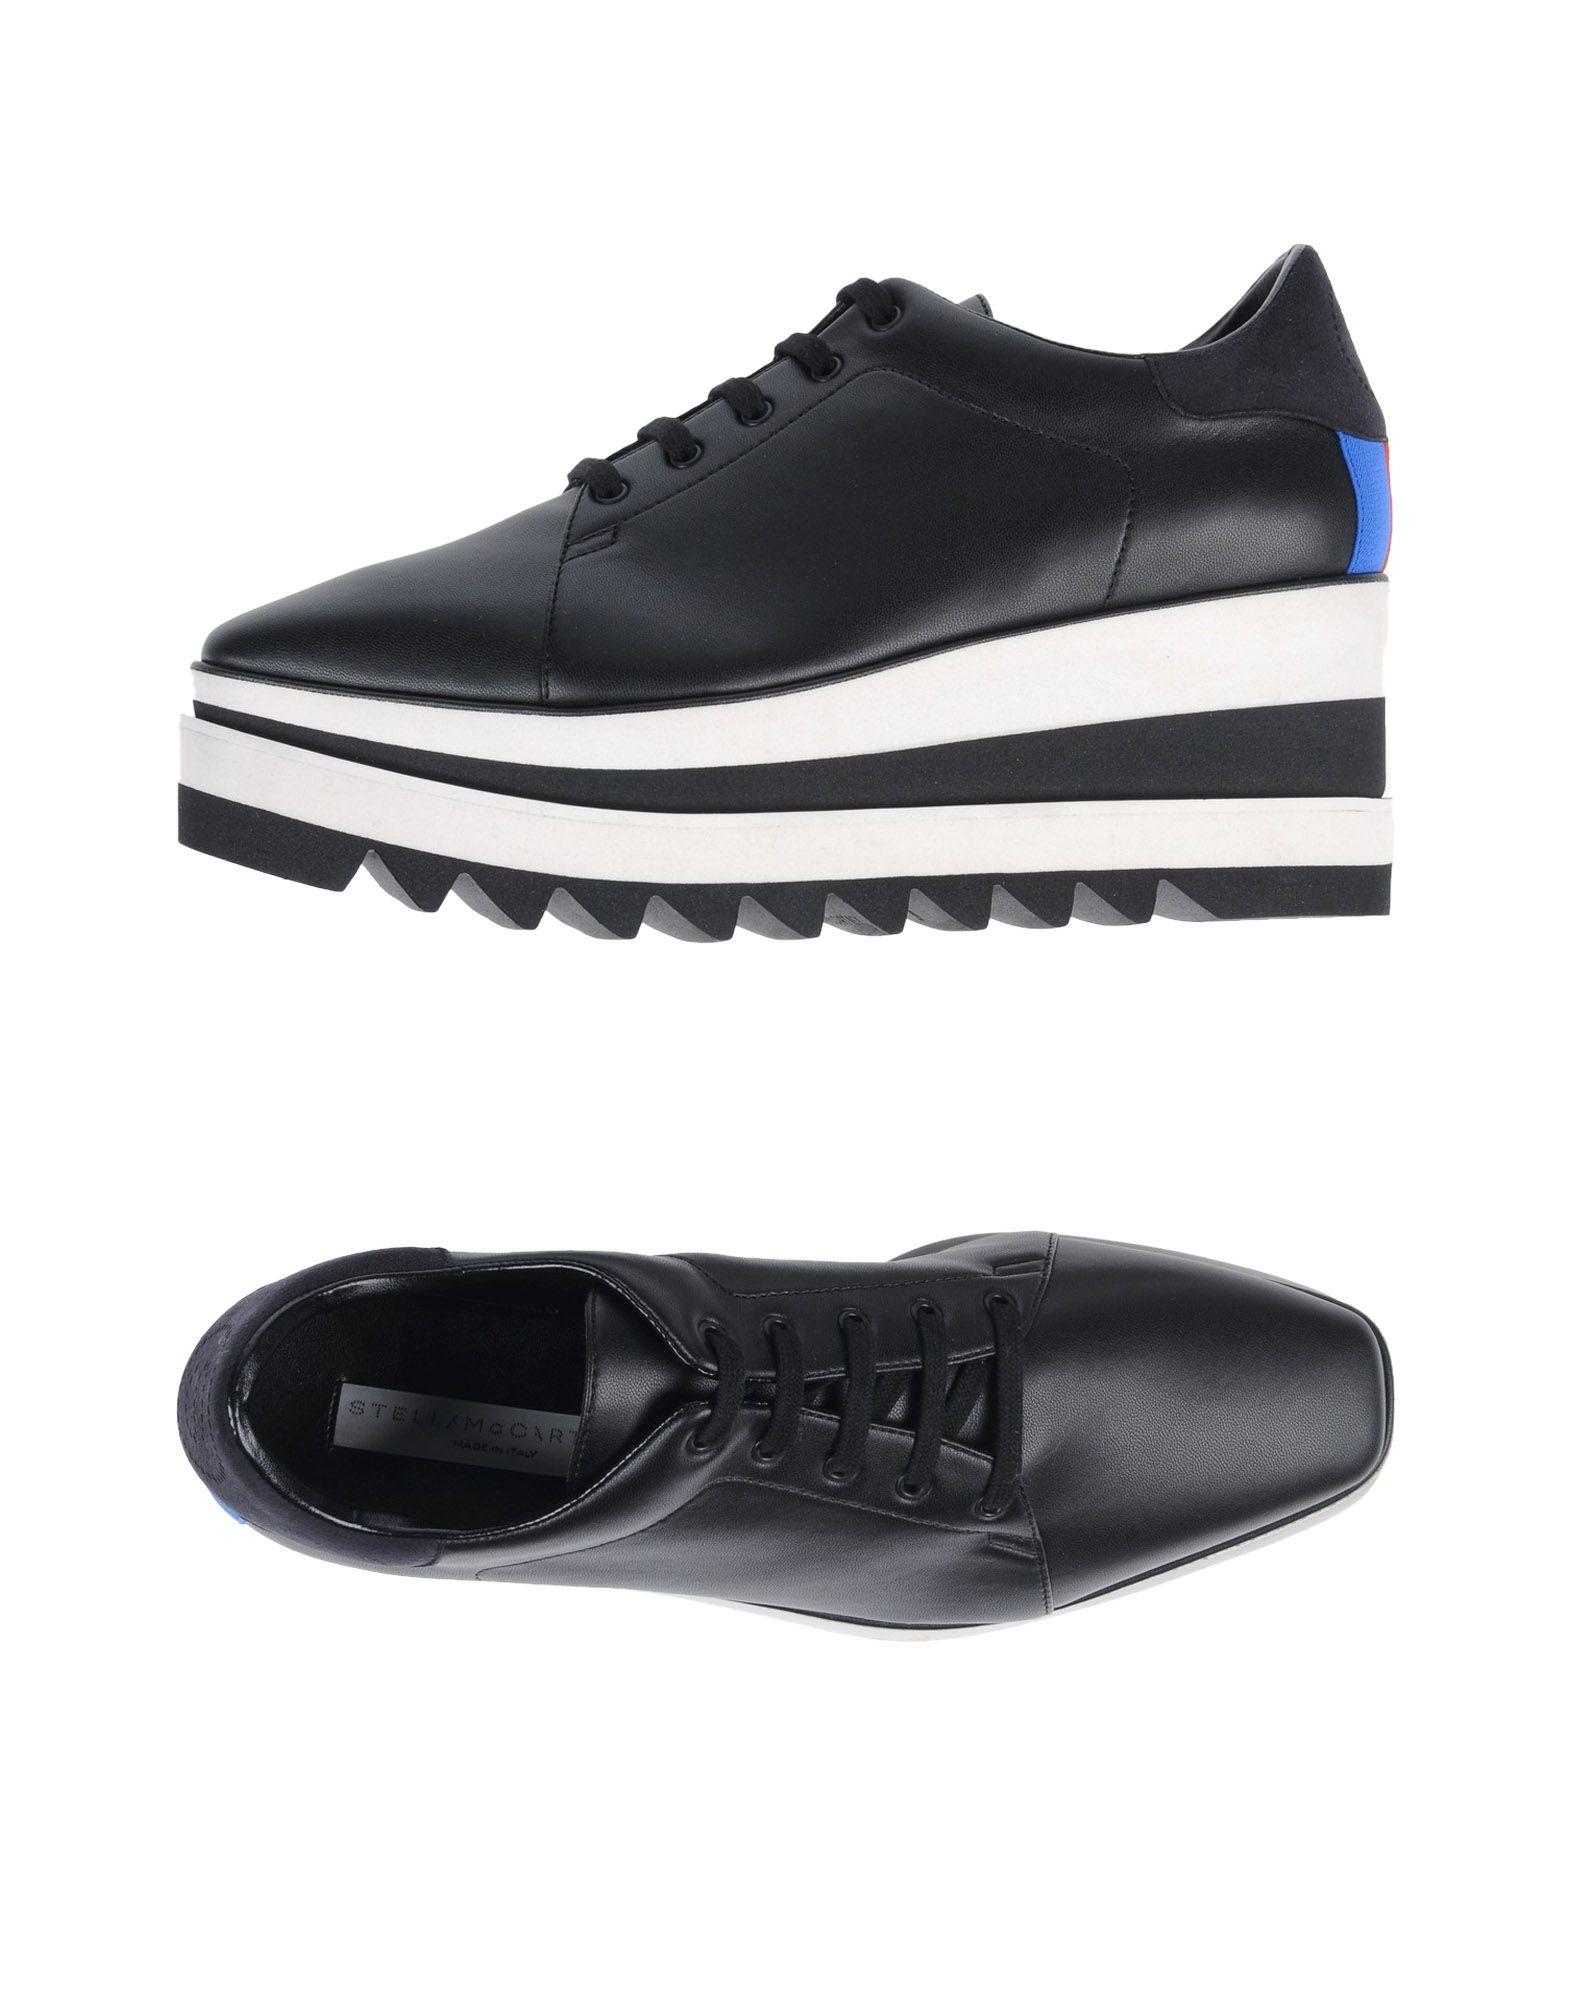 Stella Mccartney Schnürschuhe Damen  Schuhe 11459883RWGünstige gut aussehende Schuhe  198fb3